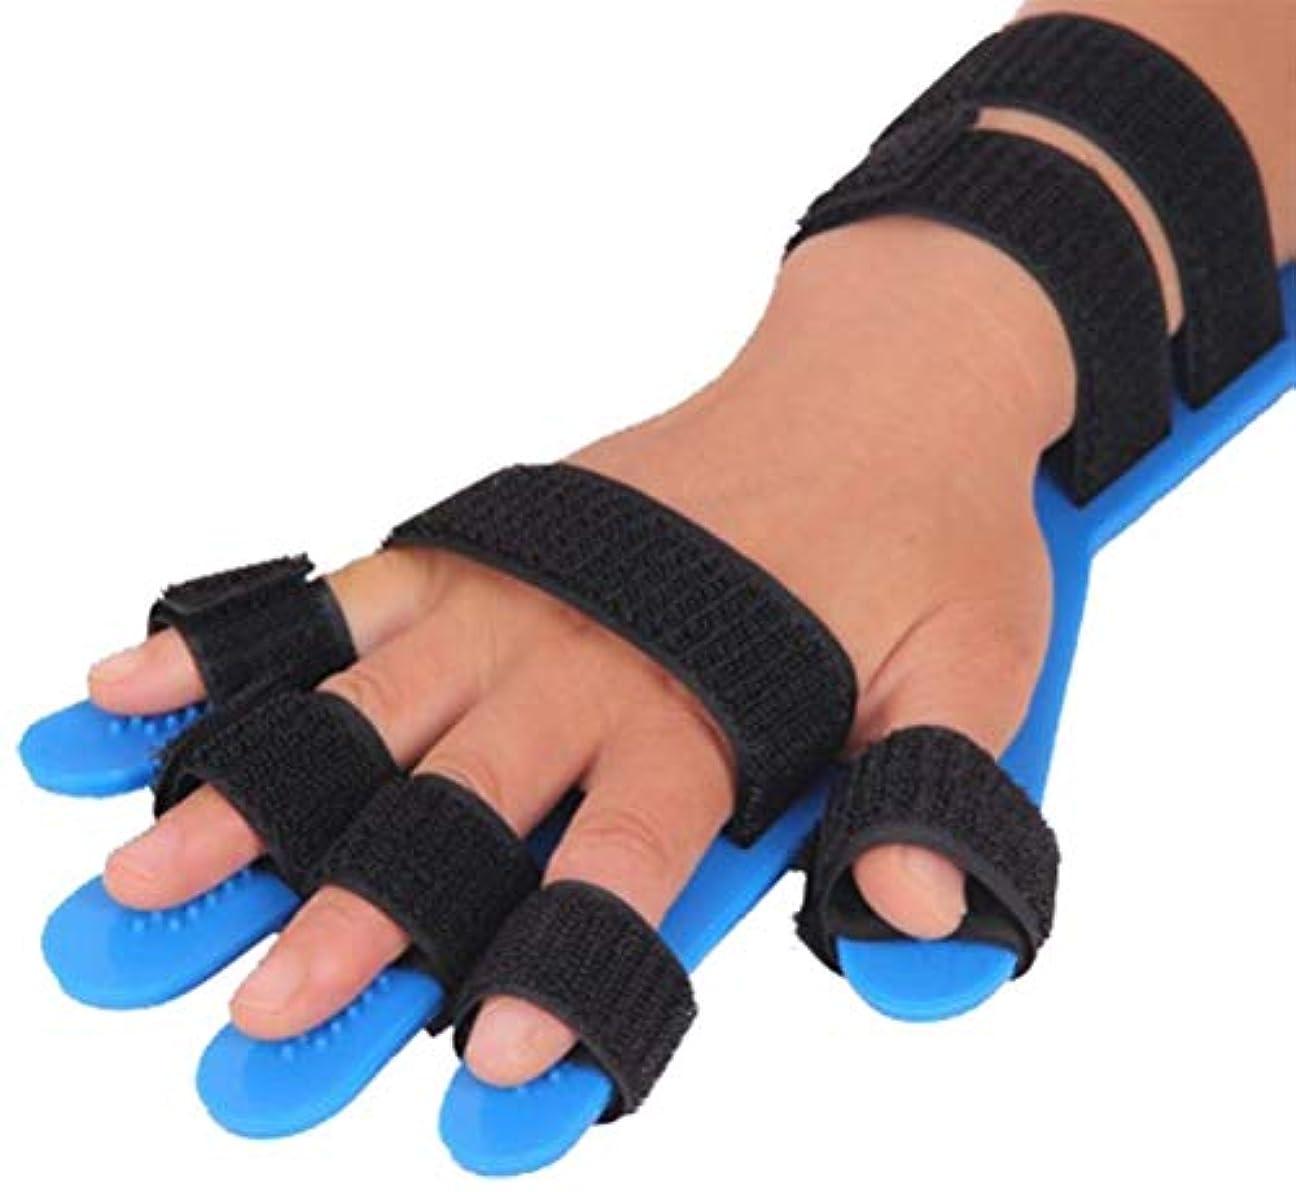 扱う単に囲い指矯正ポイント 指板 手指用ストレッチボード 指の訓練装置 指の添え木指板 指トレーニングボード 左右手通用 調節可能なフィンガー 脳卒中片麻痺患者 手首リハビリテーション訓練装置 強化版